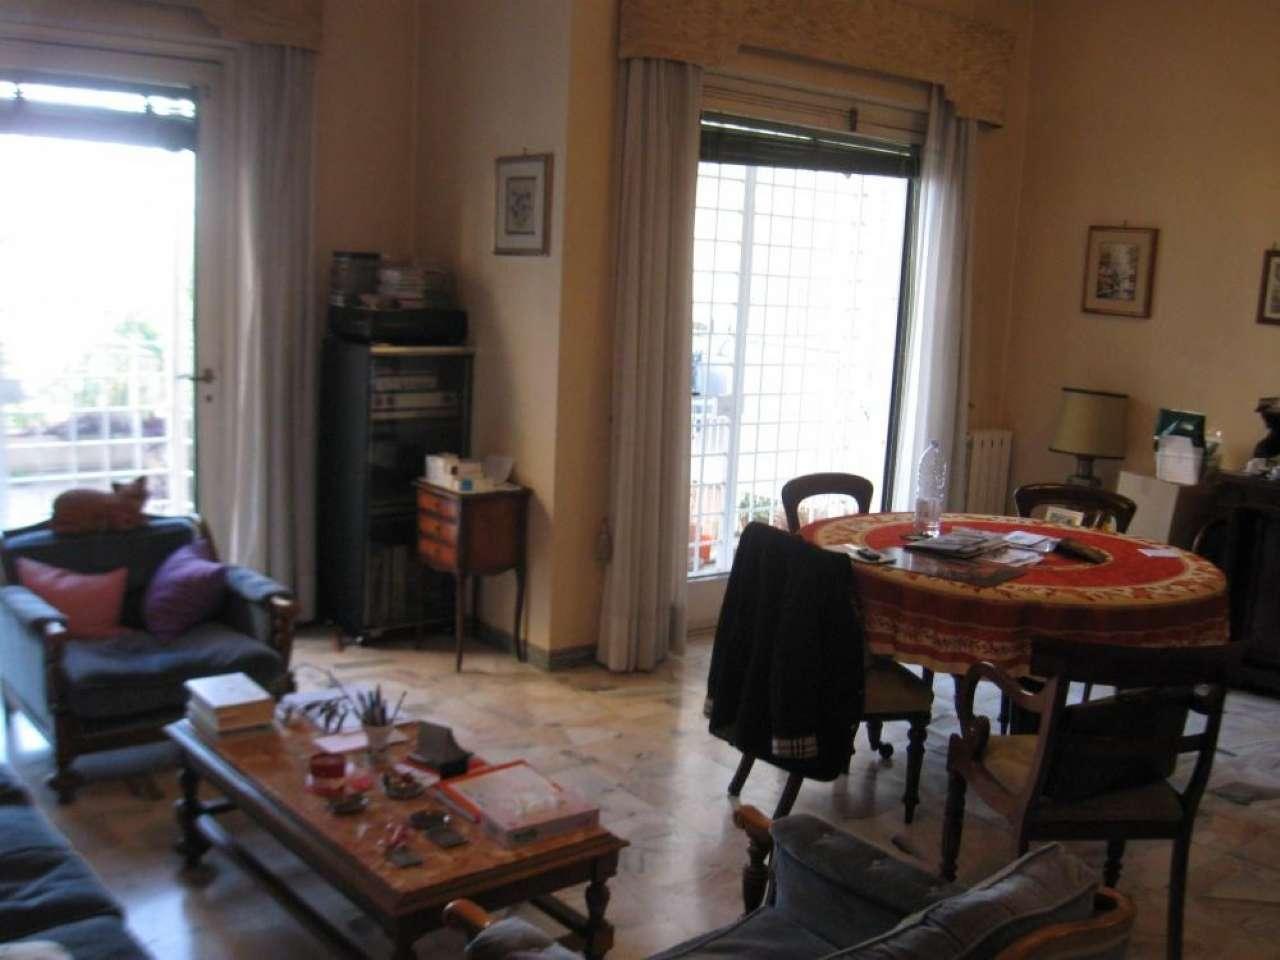 Roma Roma Vendita APPARTAMENTO , cercasi casa in affitto a torino